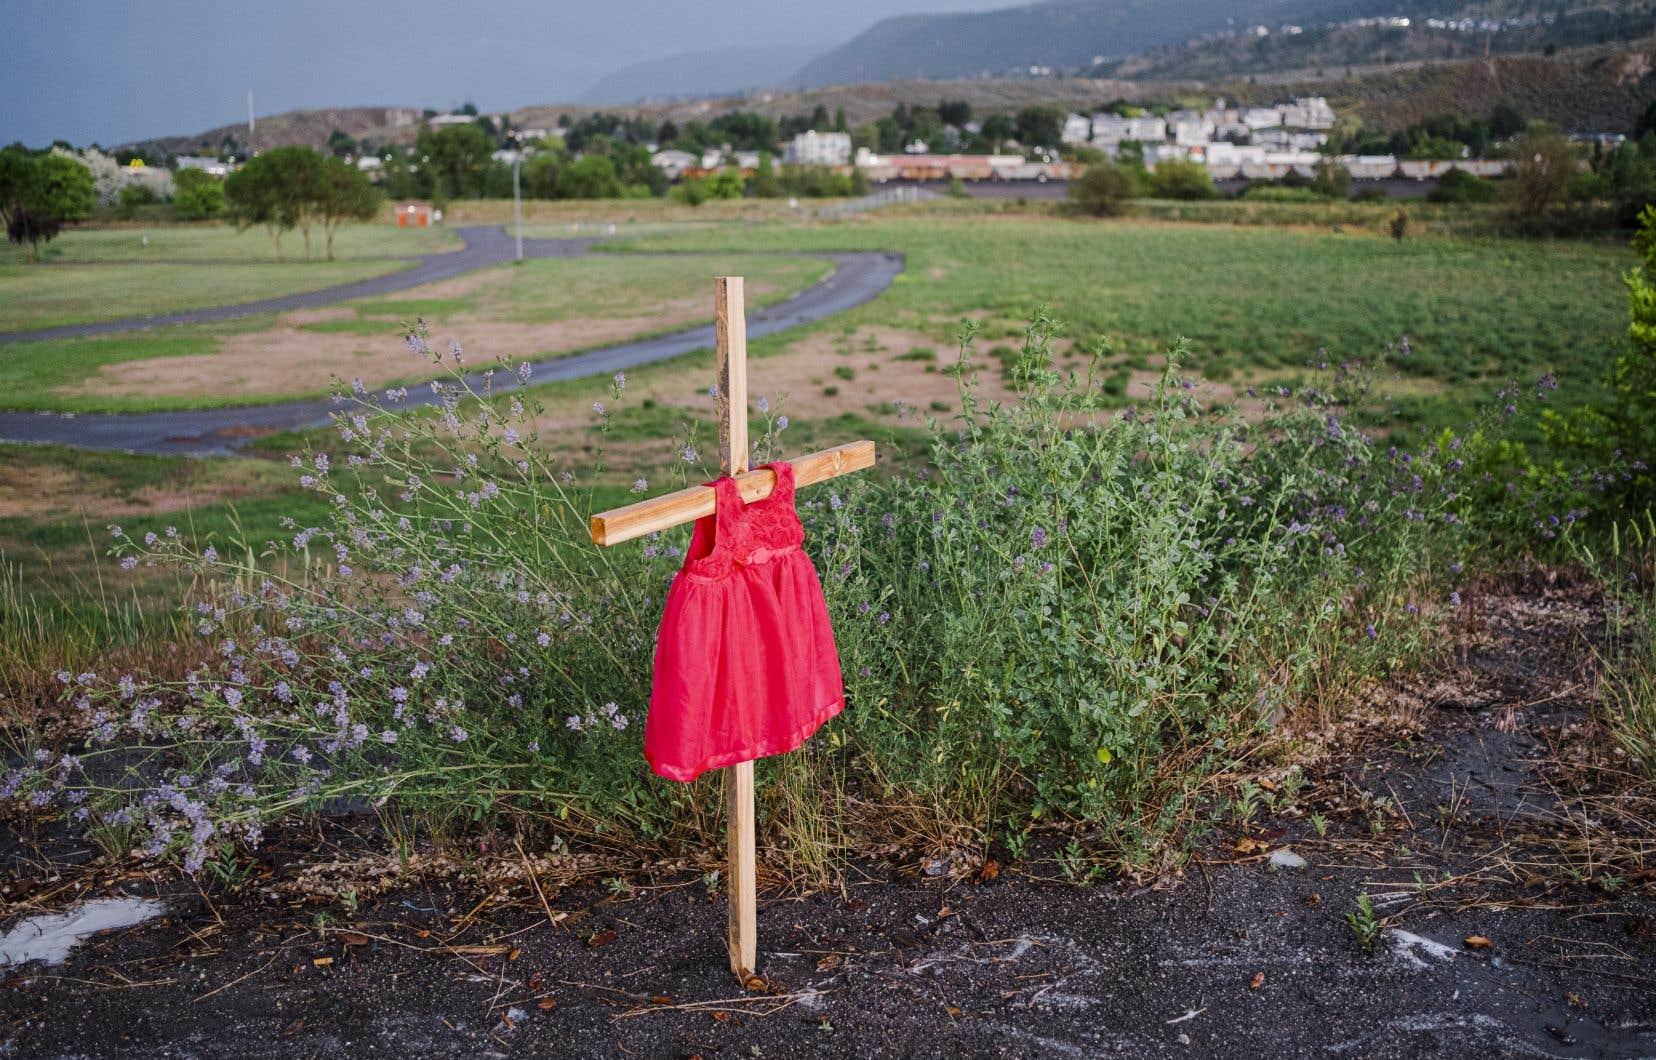 Cette découverte intervient un mois après celle des restes de 215 enfants sur le site d'un ancien pensionnat autochtone à Kamloops, en Colombie-Britannique également.